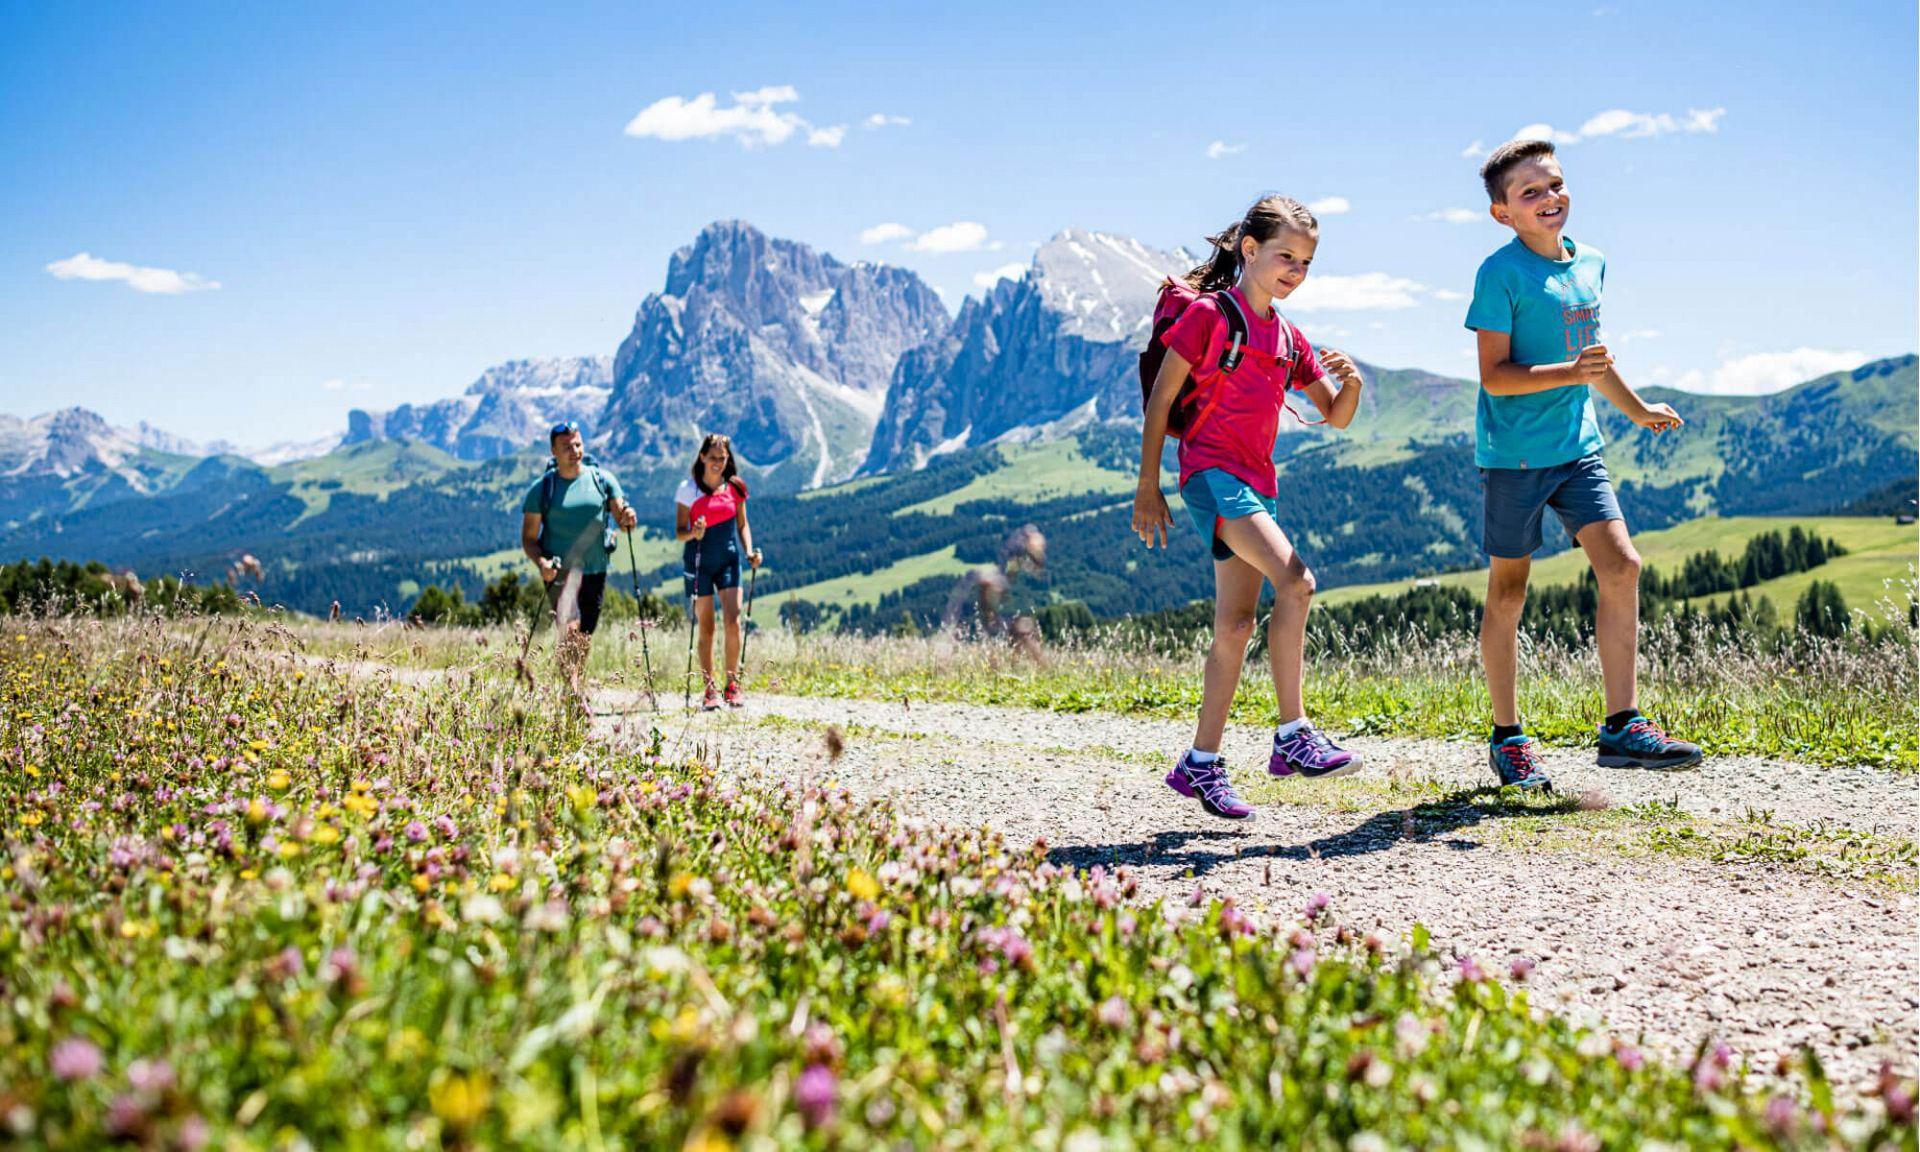 Vacanze escursionistiche nelle Dolomiti – Natura pura sull'Alpe di Siusi